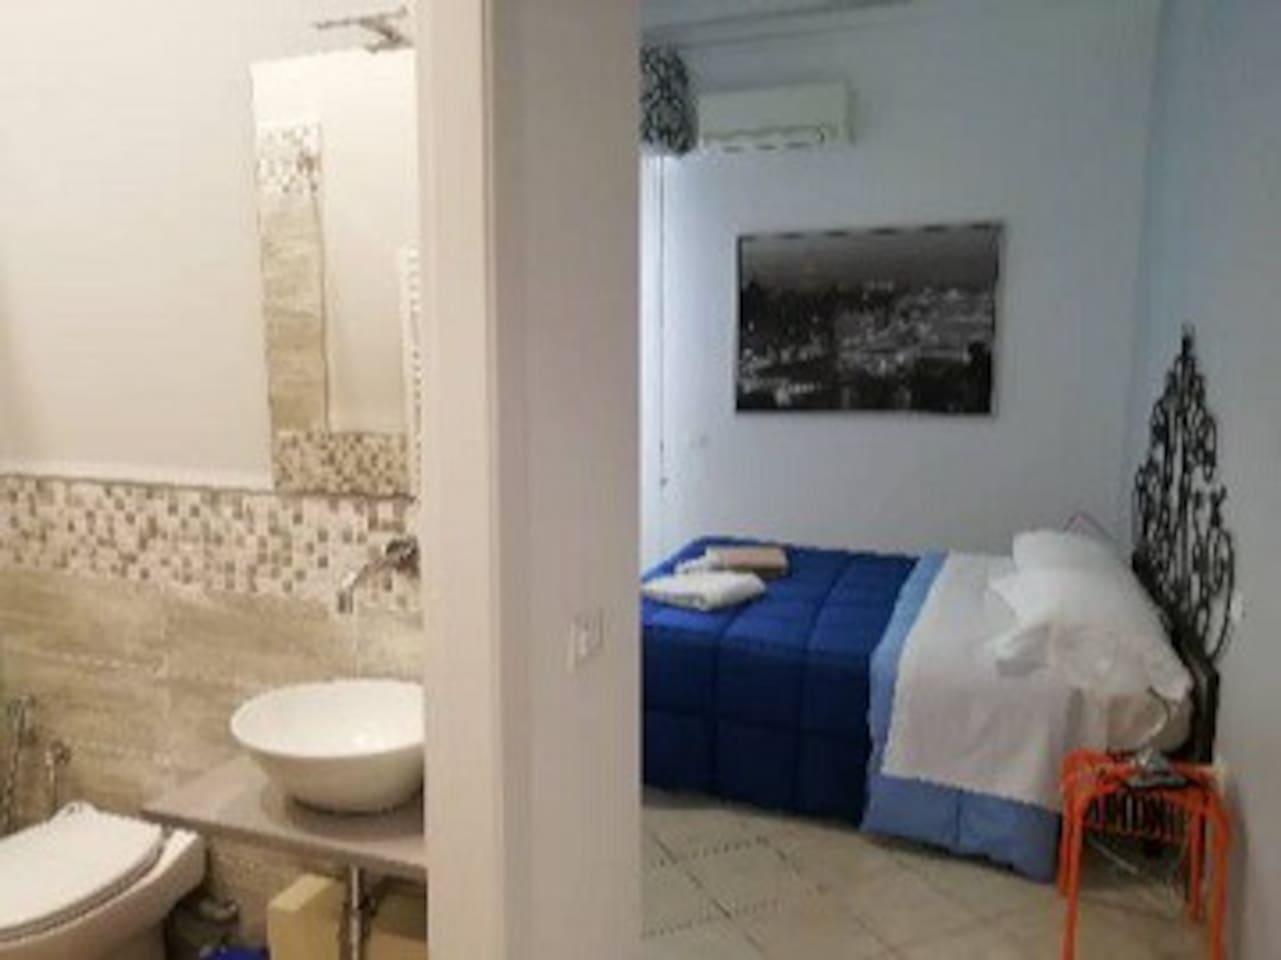 Camera Stibbert, matrimoniale con bagno privato e terrazza